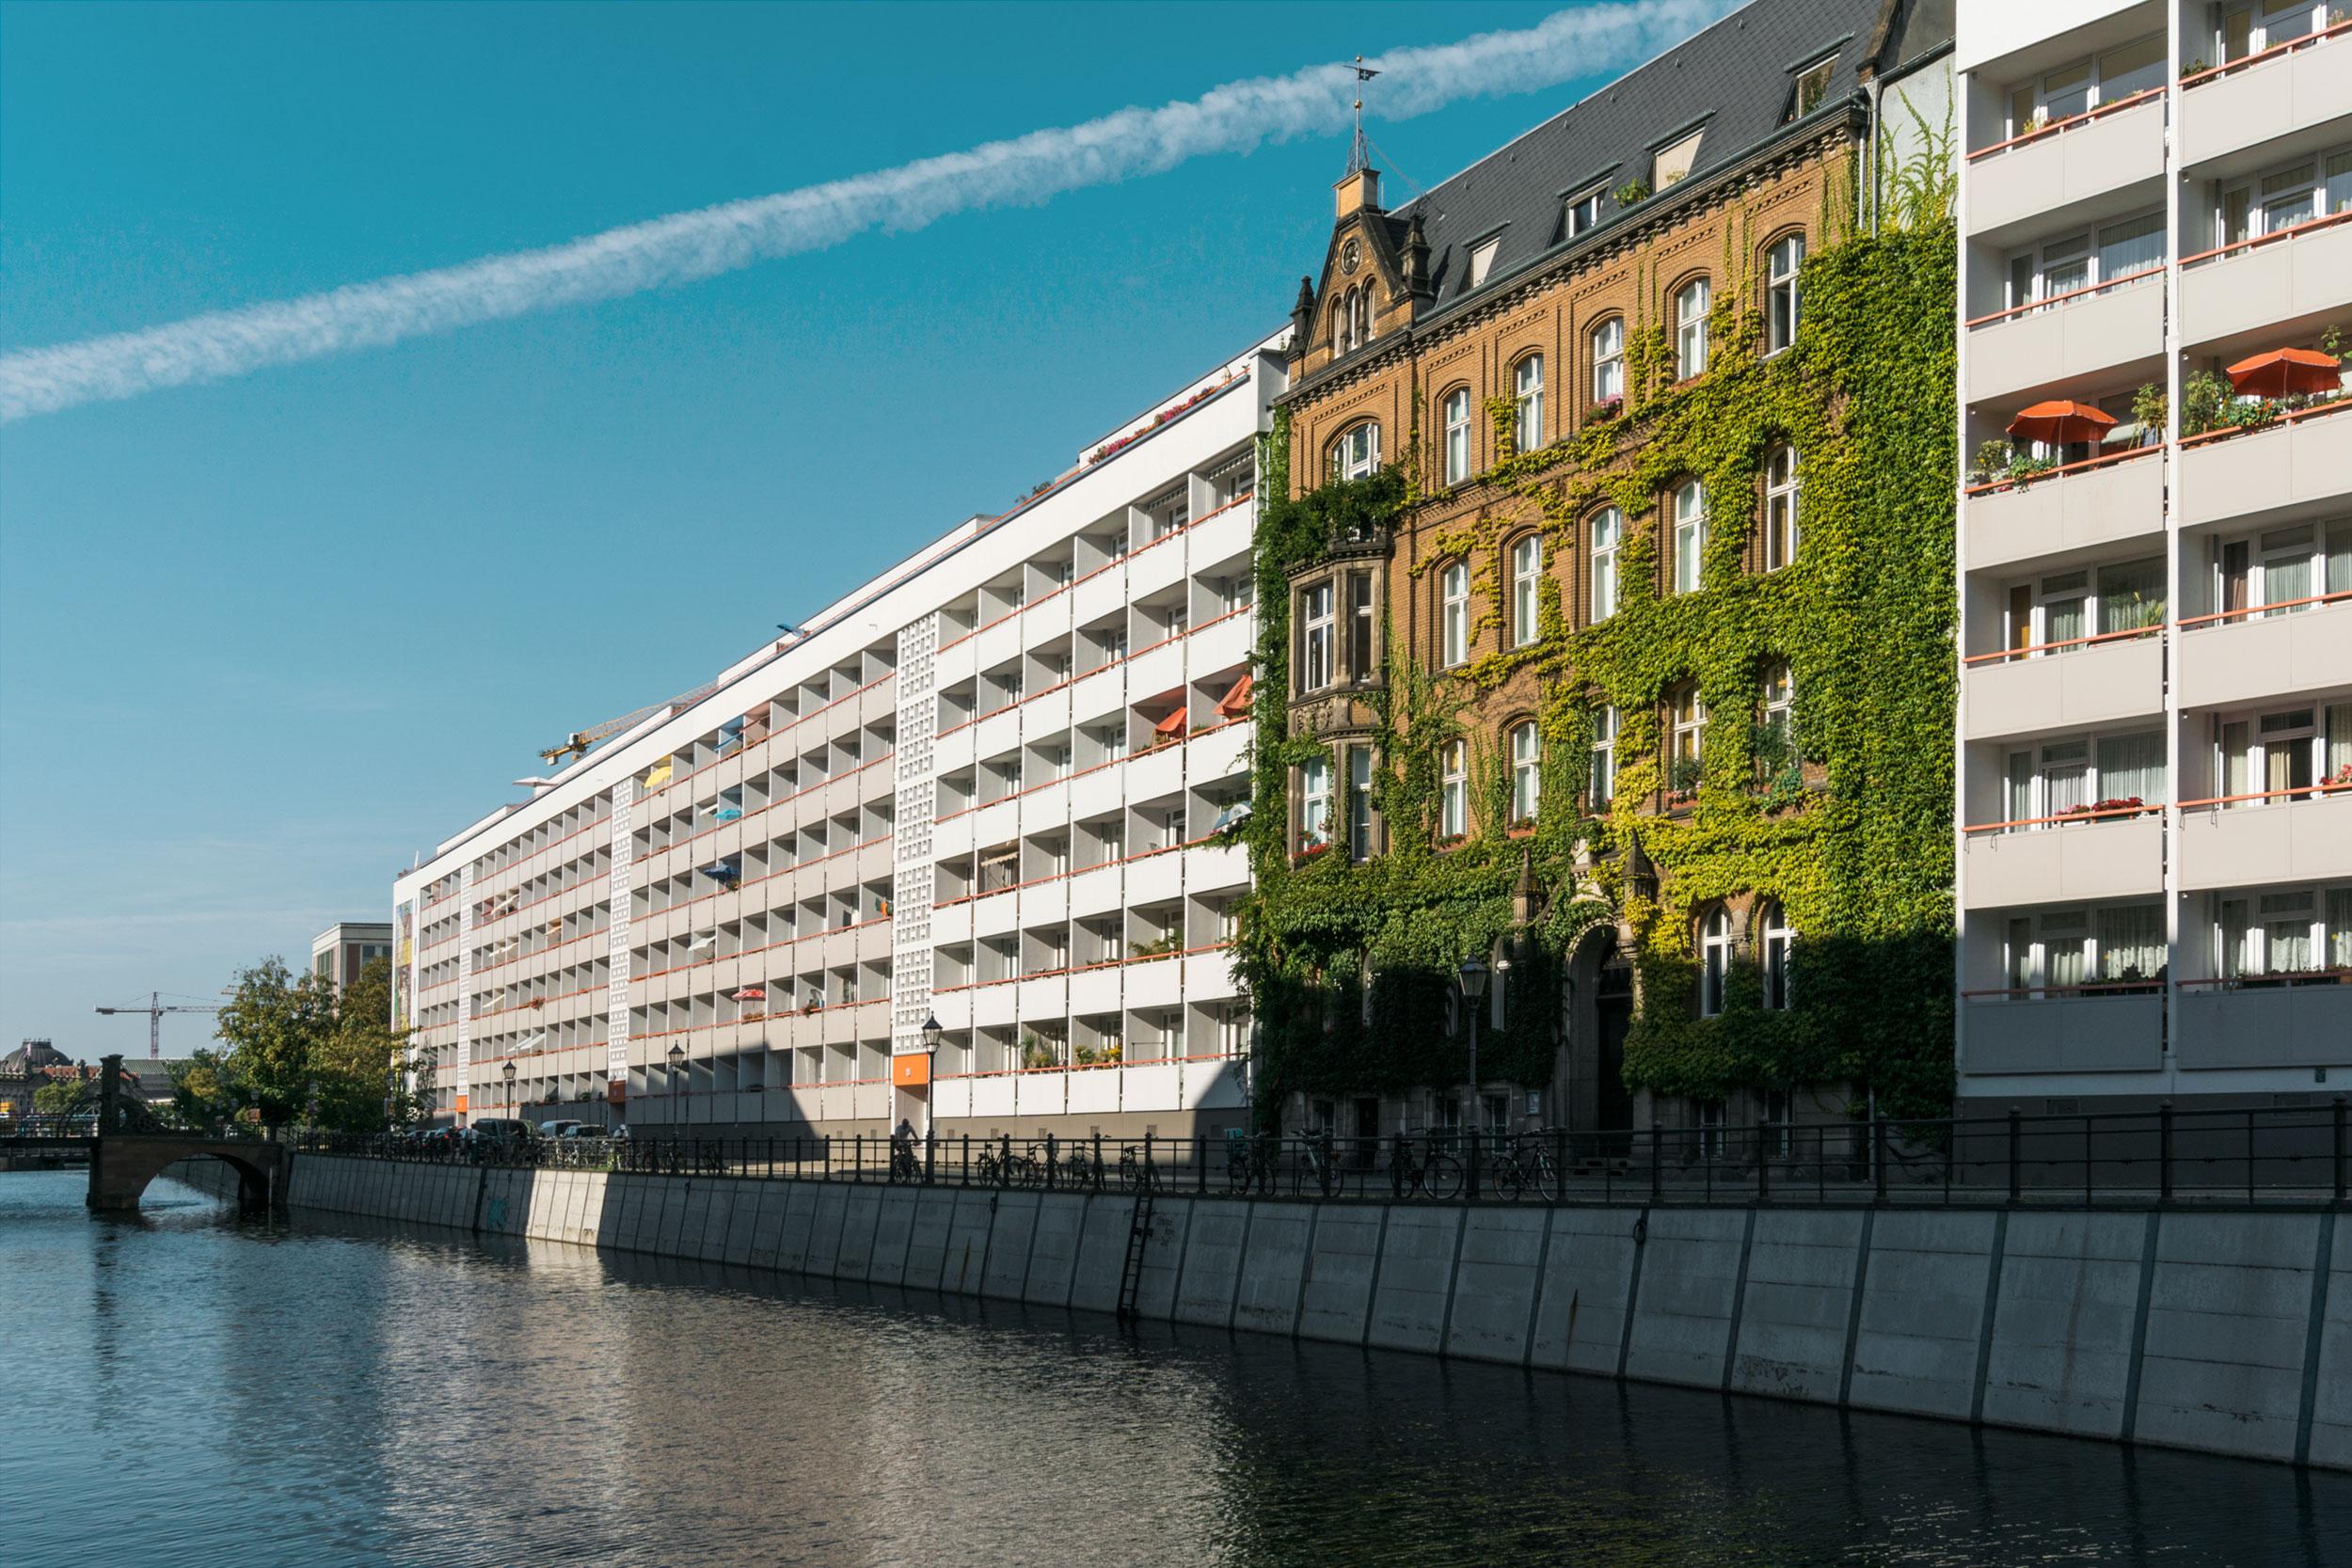 Sozialistische Neubauten neben Immobilien der Gründerzeit